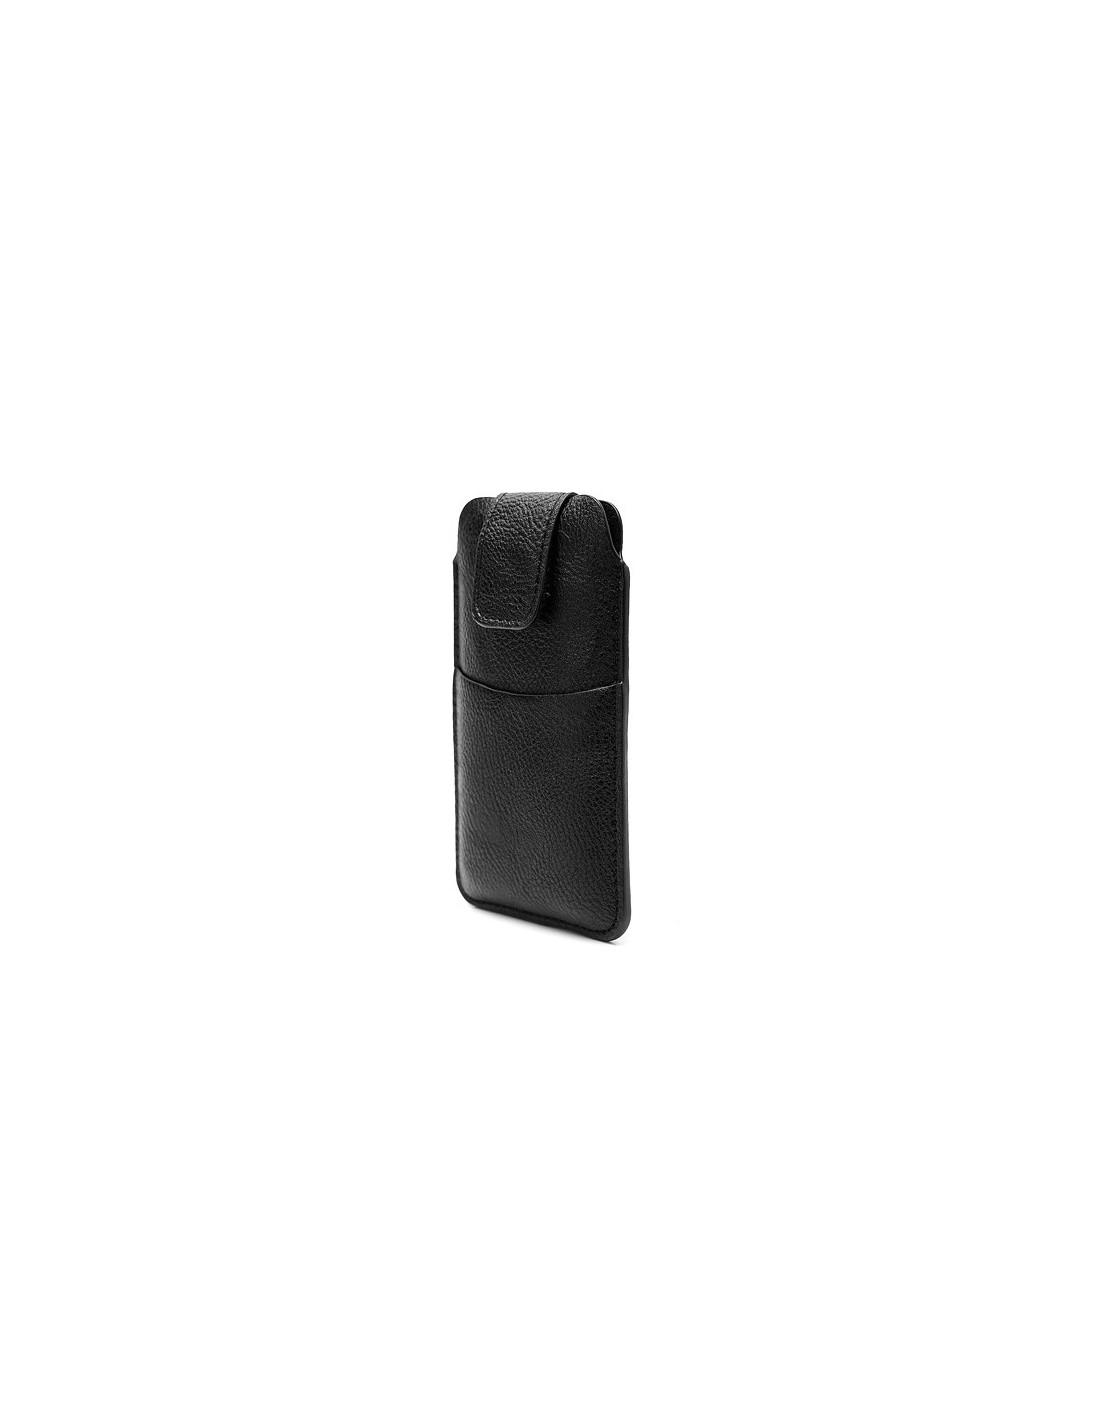 etui housse confort en cuir pour iphone 5 5s et se coques. Black Bedroom Furniture Sets. Home Design Ideas